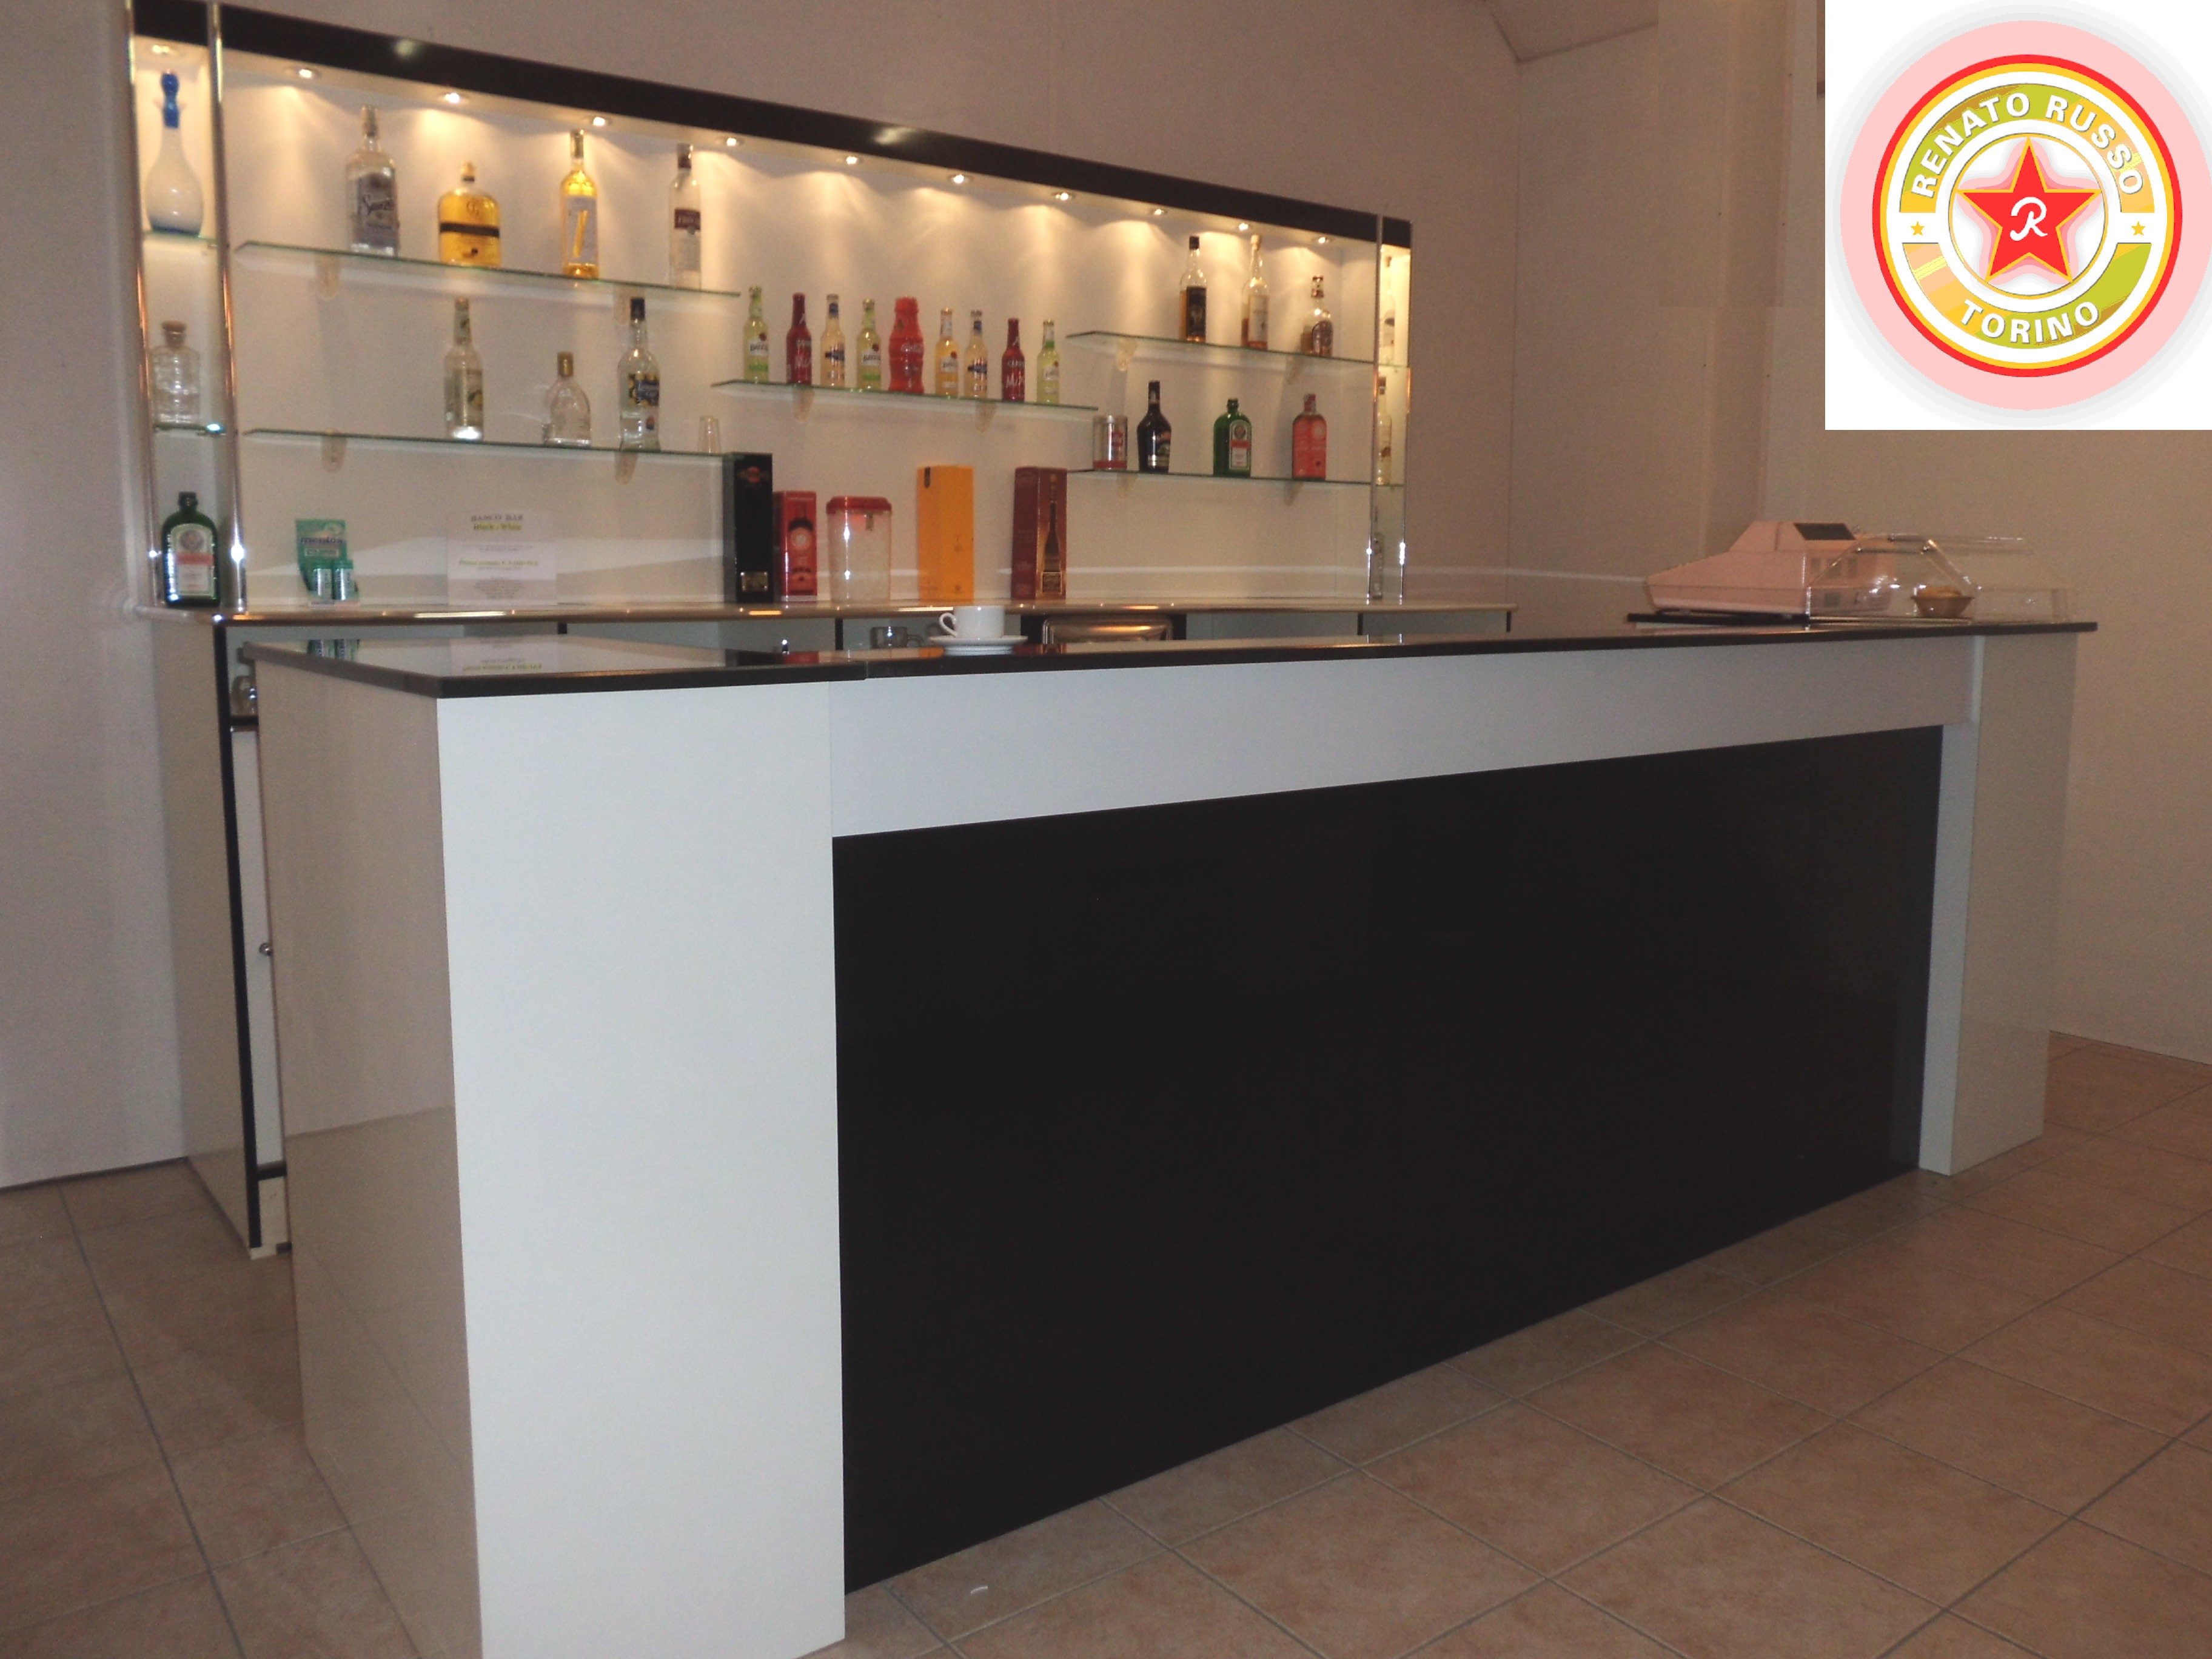 Banchi frigo dal 1980 produttori di banchi frigo for Arredamenti bar prezzi